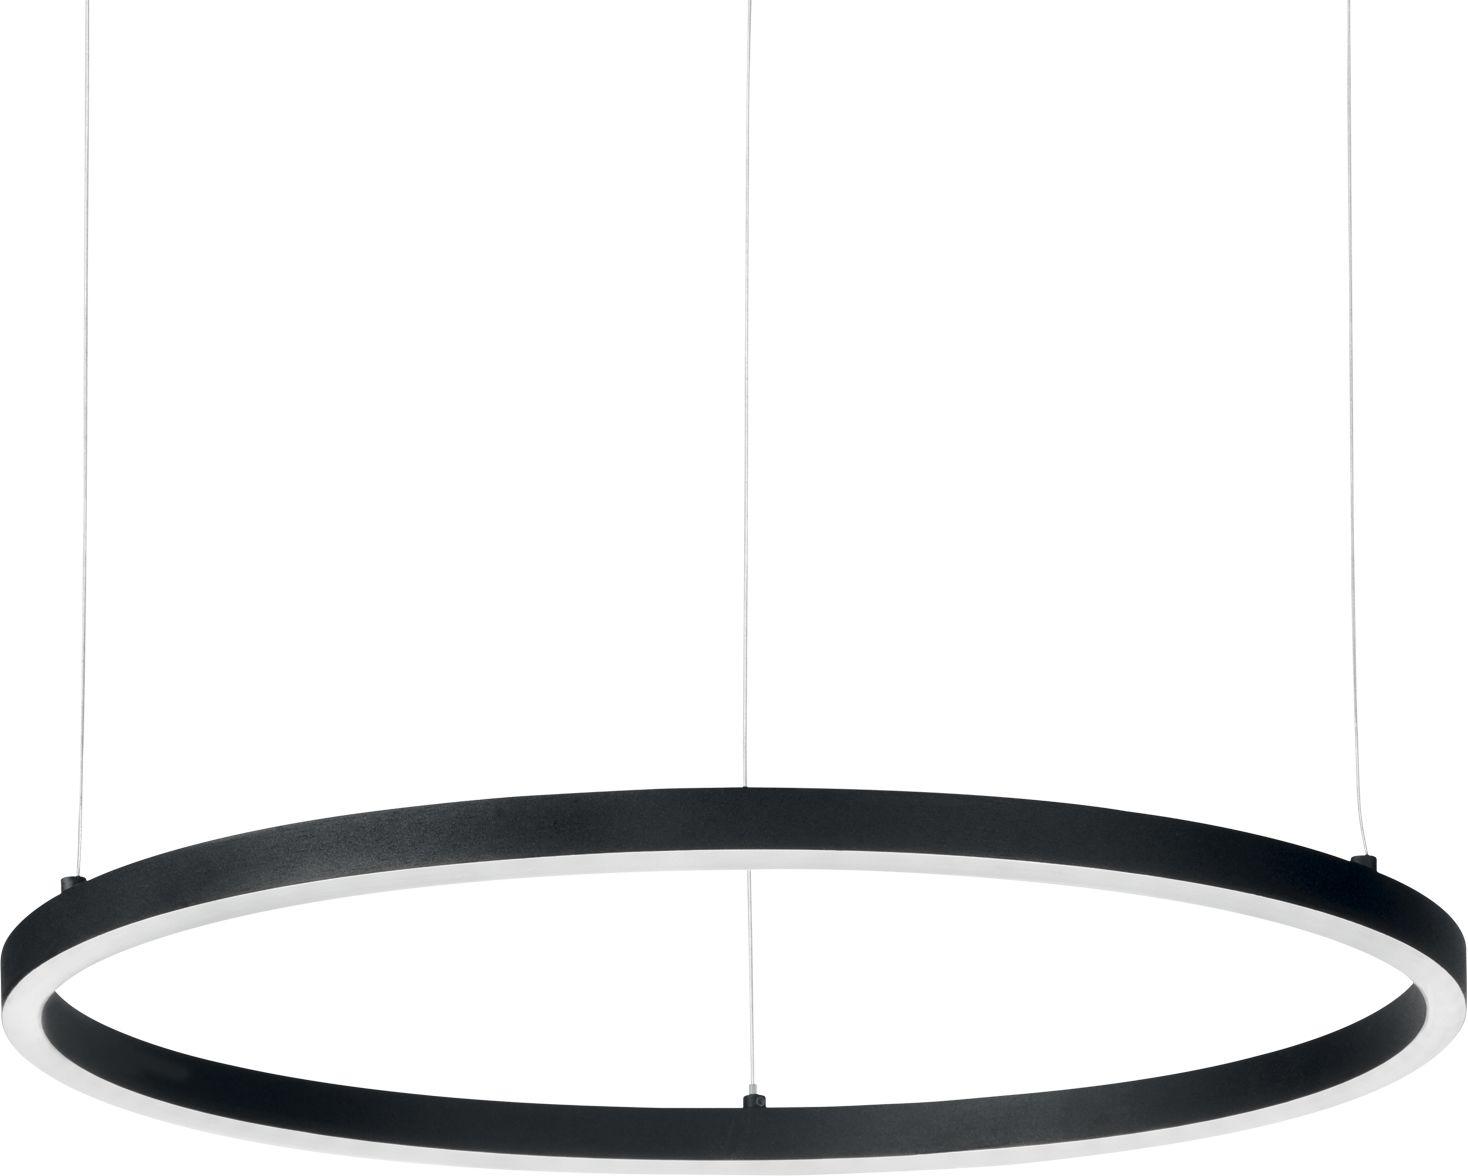 Lampa wisząca Oracle Slim 229508 Ideal Lux nowoczesna oprawa w kolorze czarnym